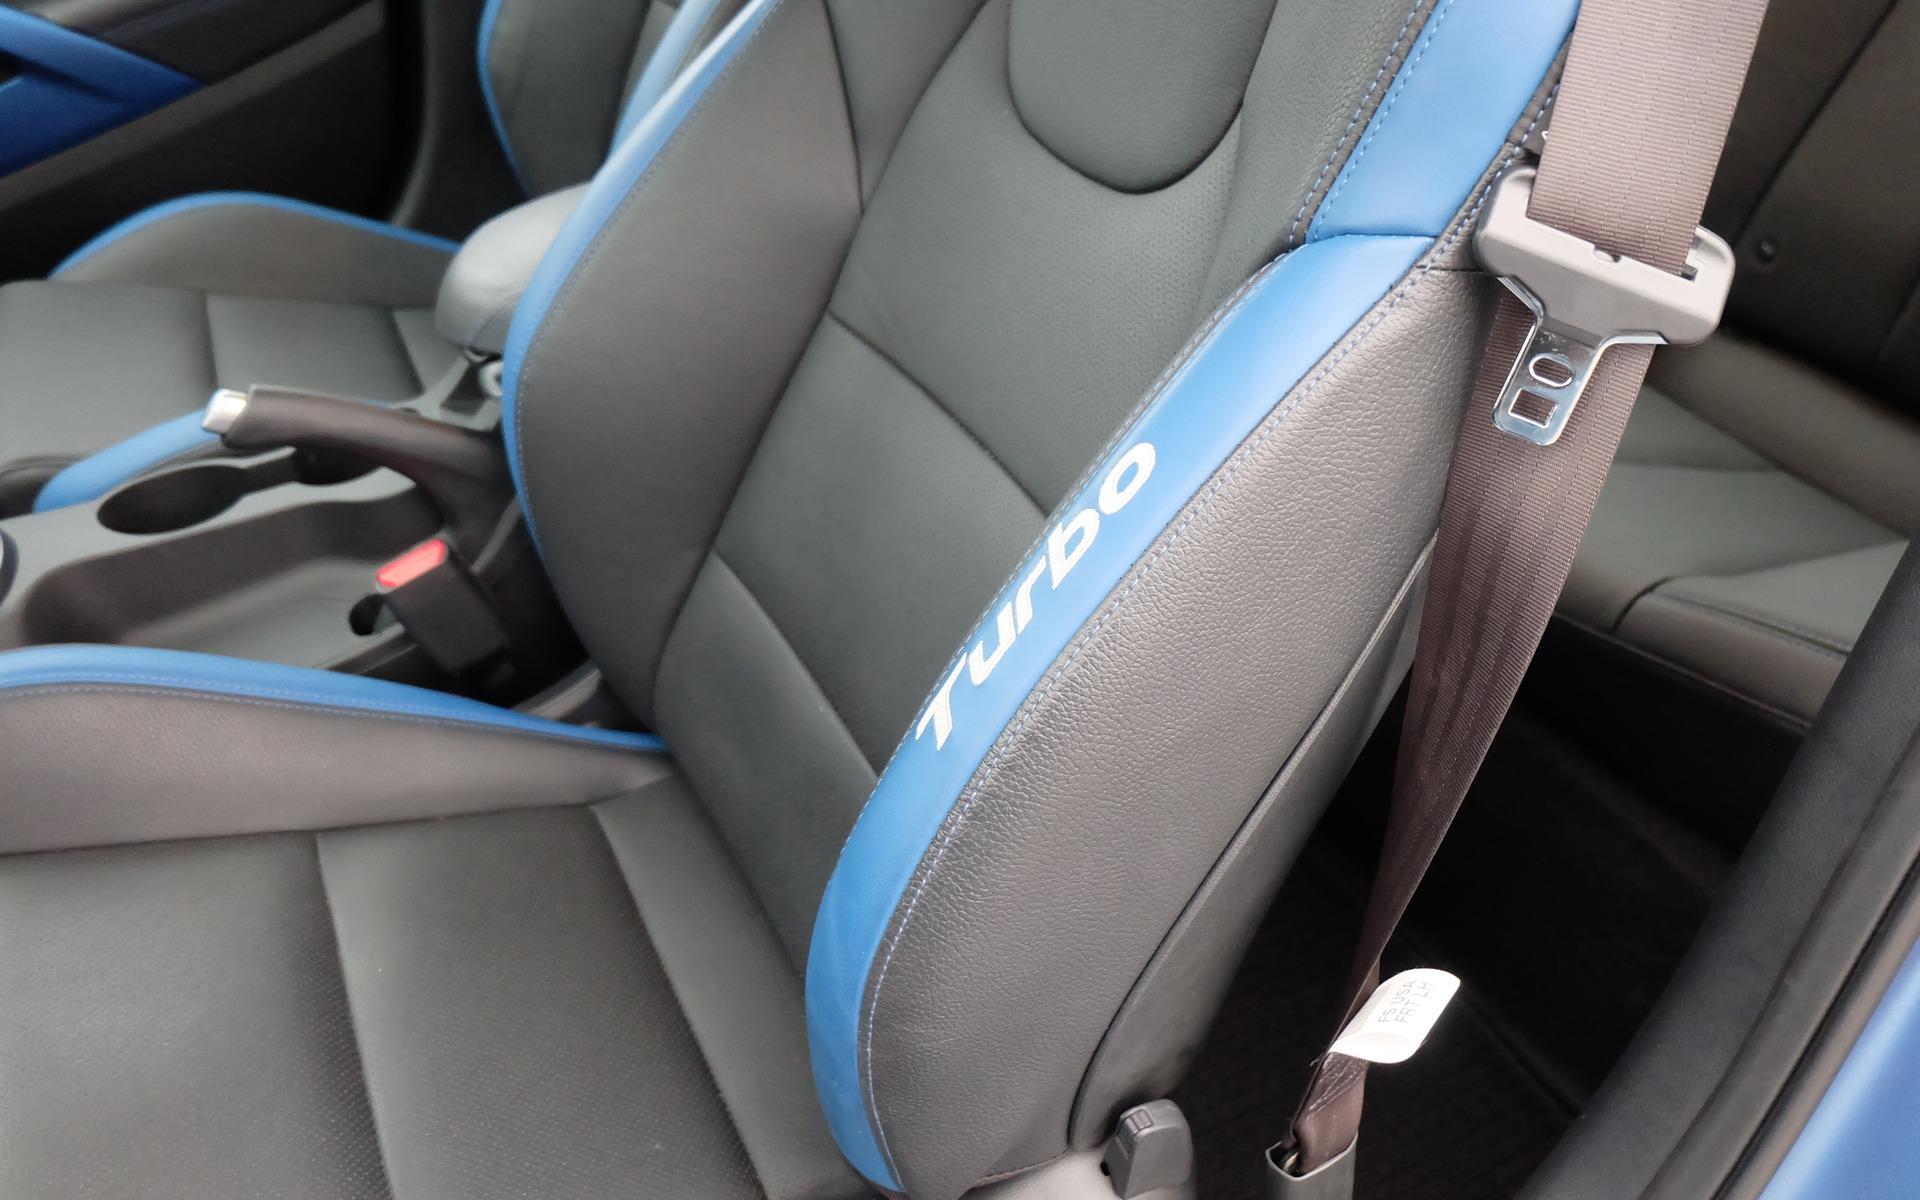 Il y a des écussons Turbo sur les sièges avant.